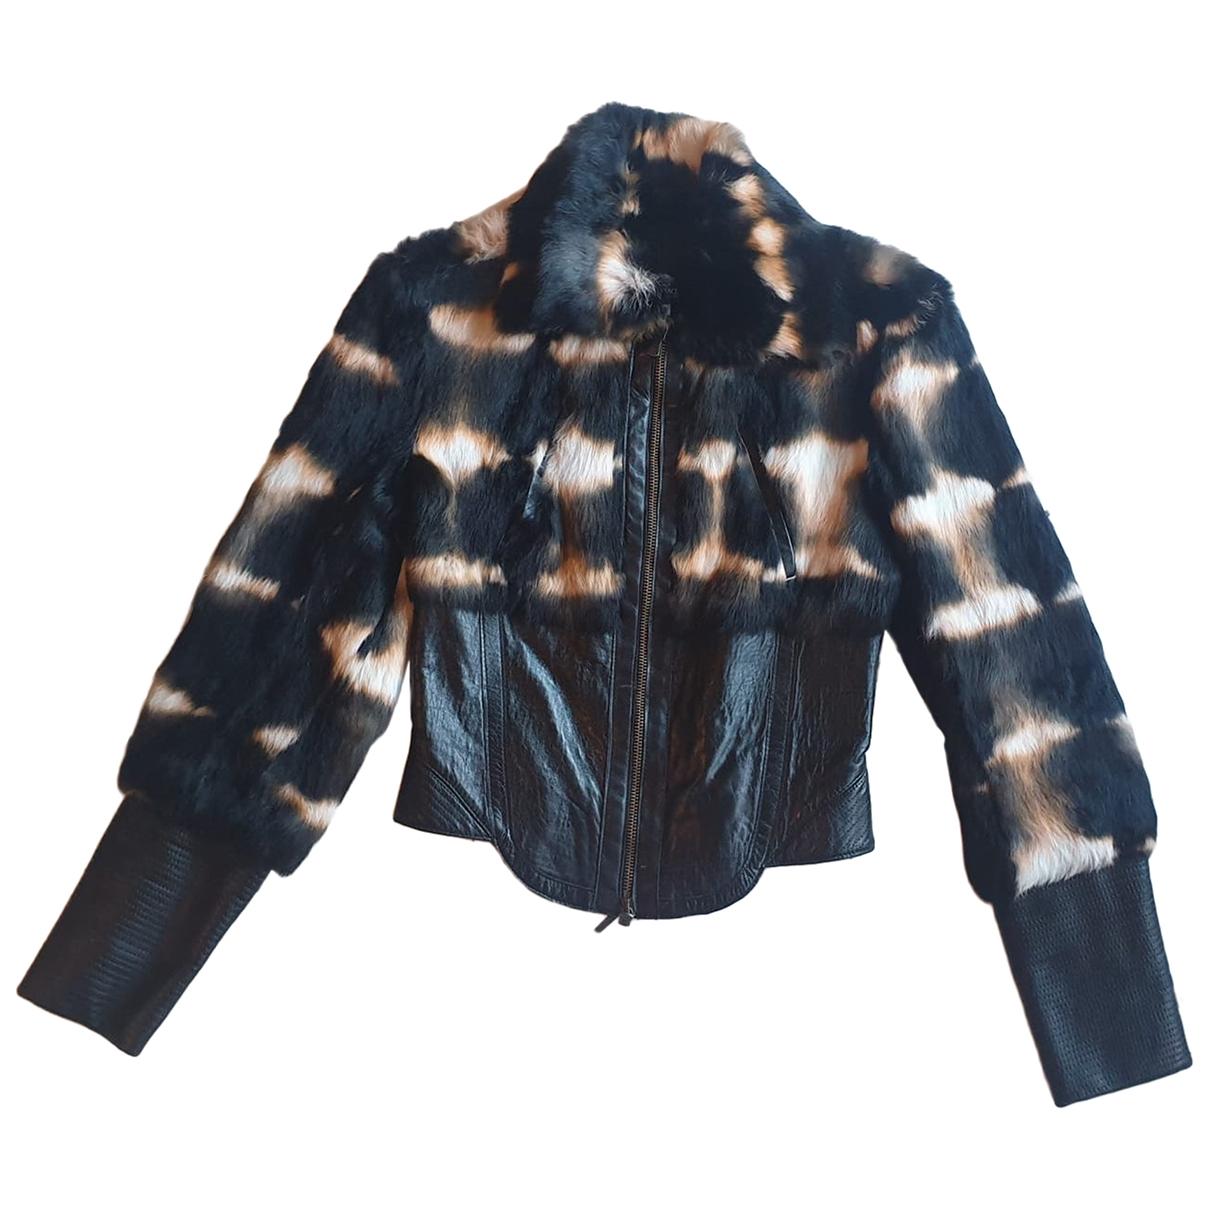 Versace Jeans \N Lederjacke in  Bunt Kaninchen